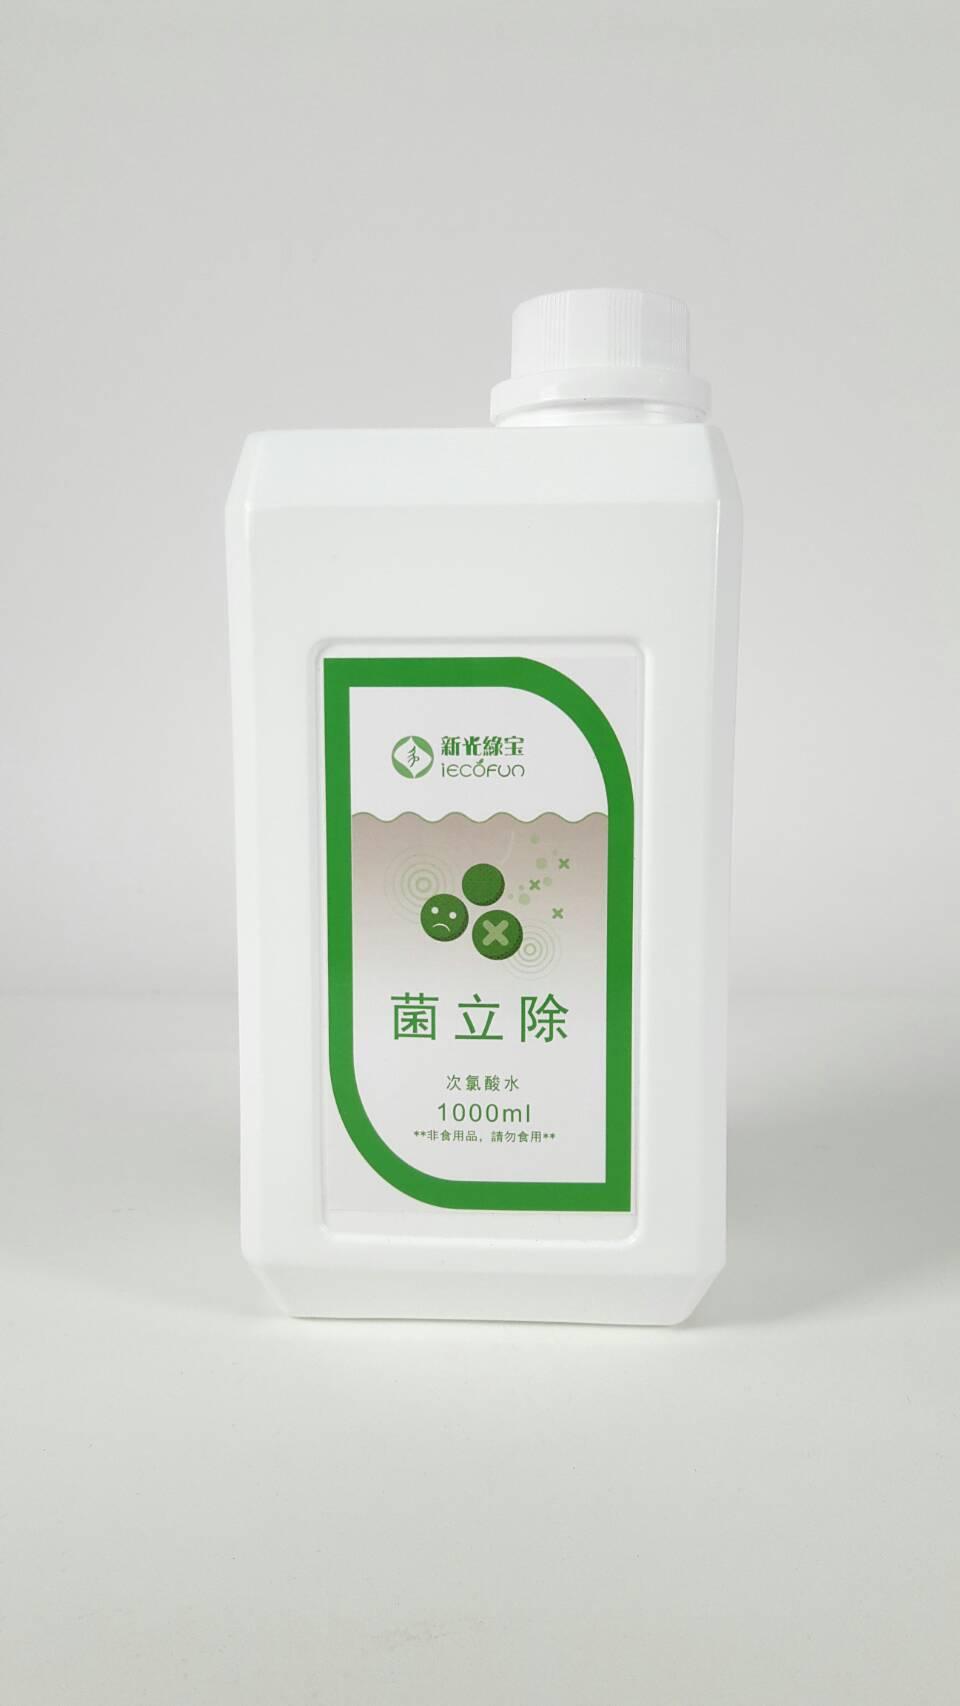 次氯酸水(菌立除)補充瓶1000ml(次氯酸水)50-80ppm